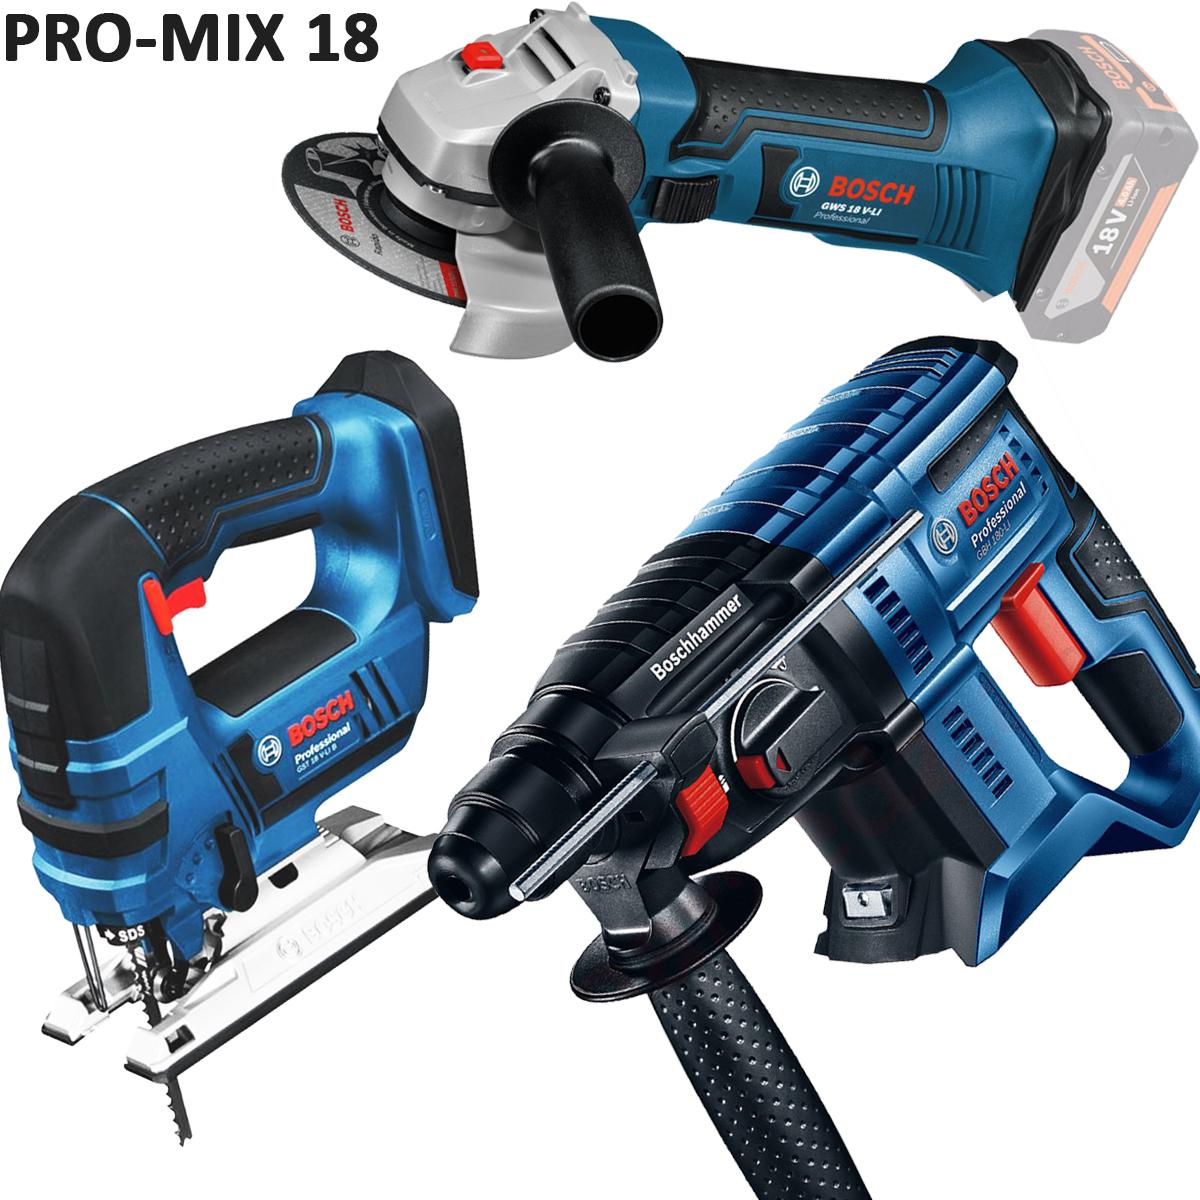 PRO-MIX-18